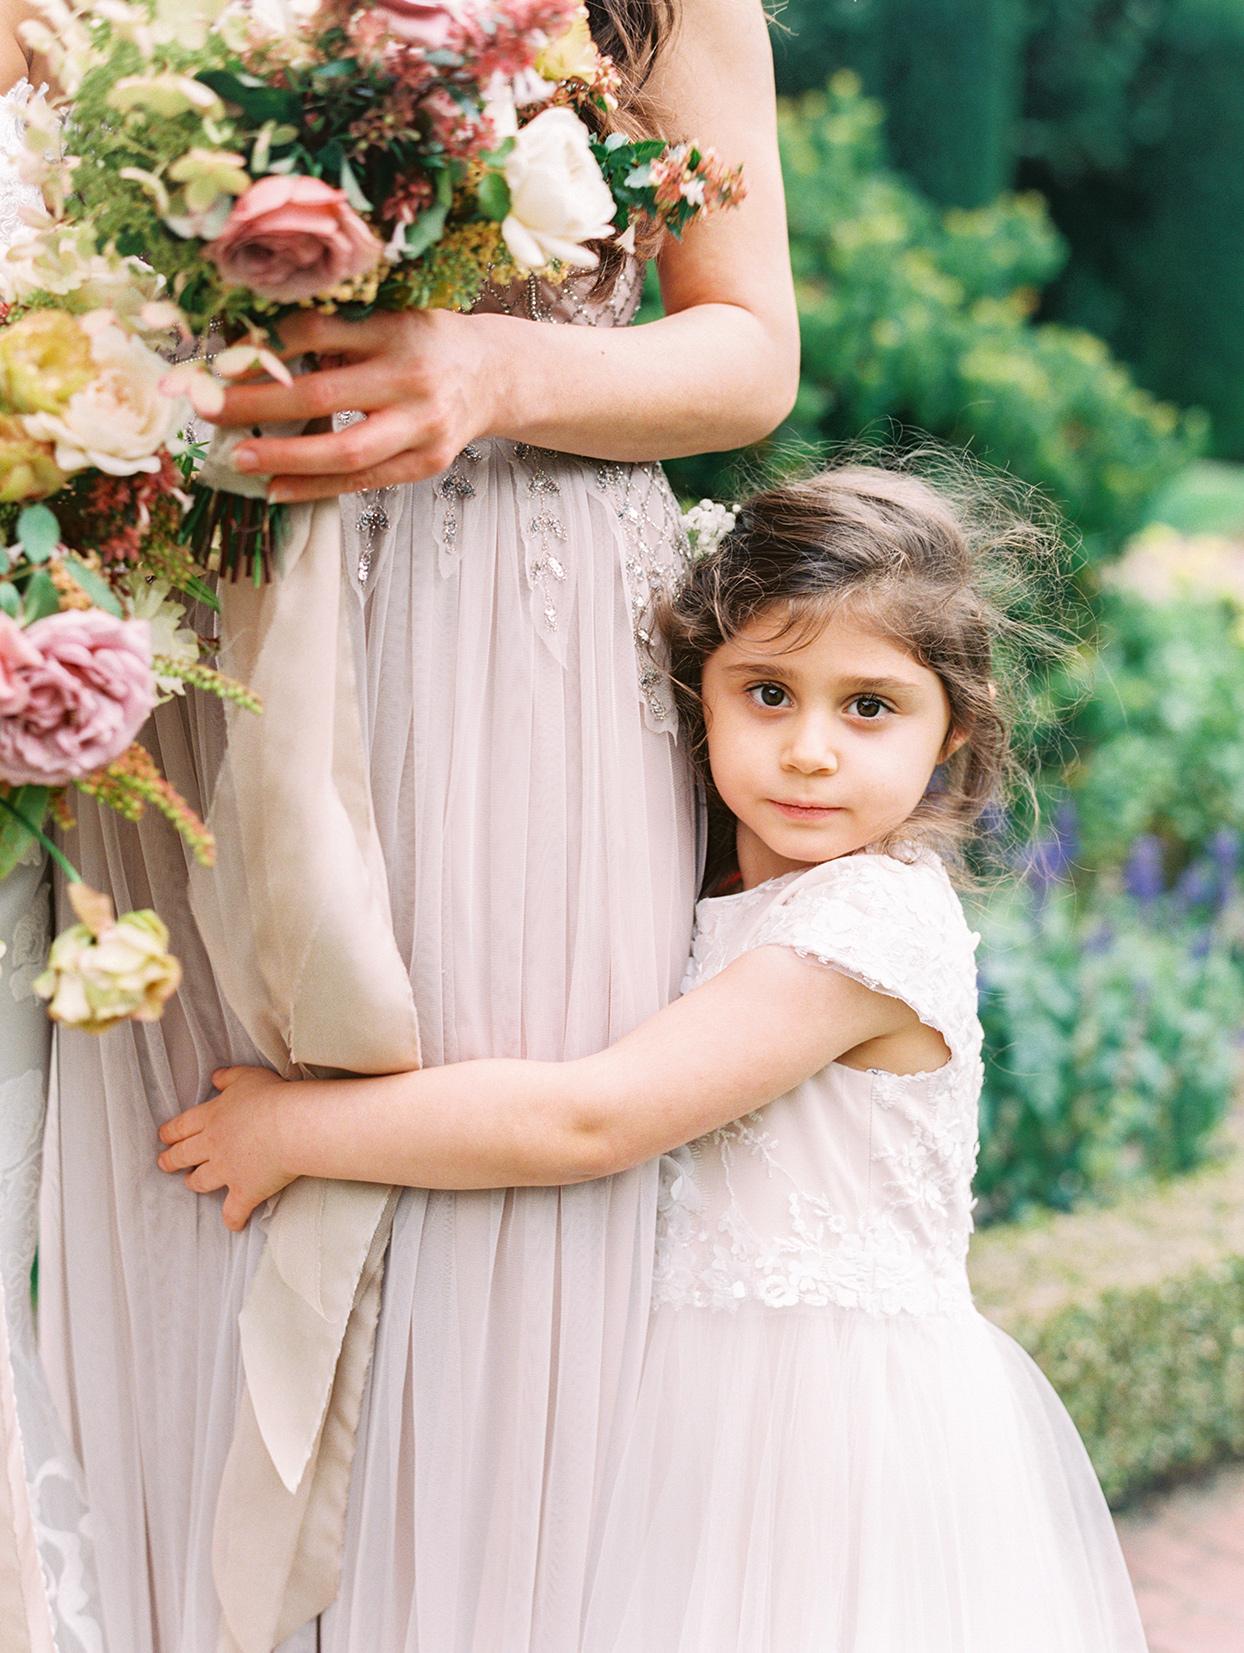 yalda anusha wedding flower girl hugging bridesmaid in pastel pink dress